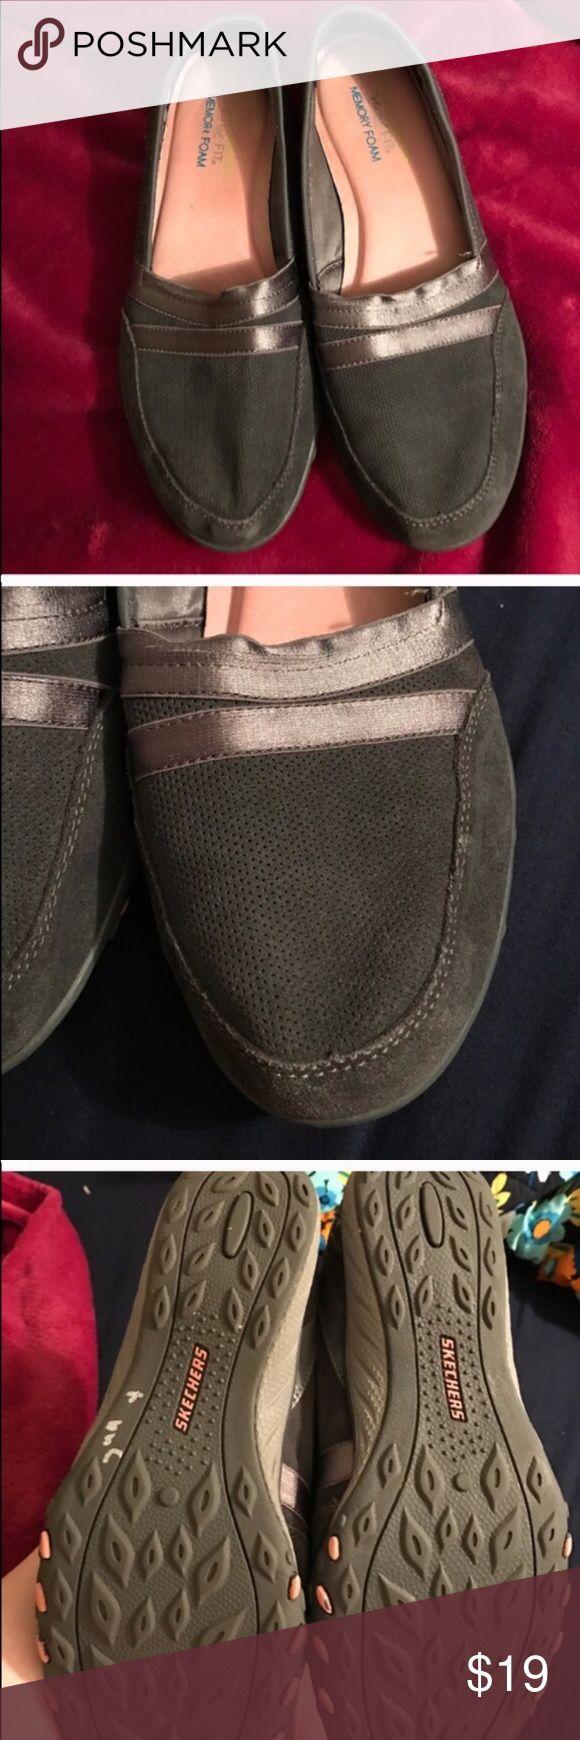 Size 7.5 grey Skechers memory foam grey shoes Size 7.5 grey Skechers memory foam grey shoes Skechers Shoes